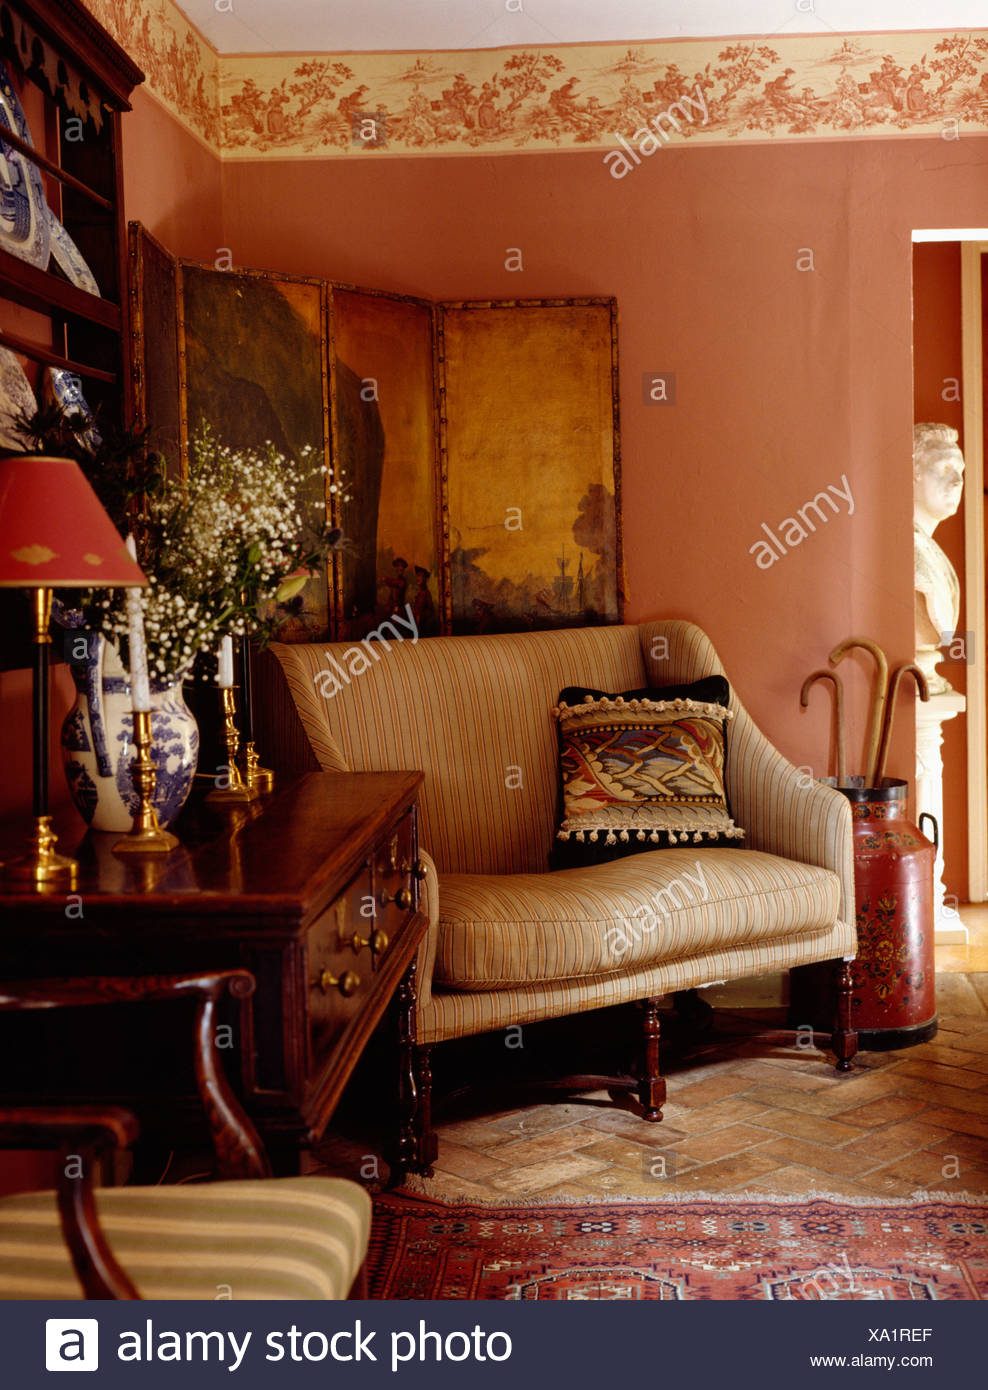 Wunderbar Creme Sofa Vor Antike Bemalte Leinwand In Rosa Hütte Wohnzimmer Mit  Wand Fries Und Antike Kommode